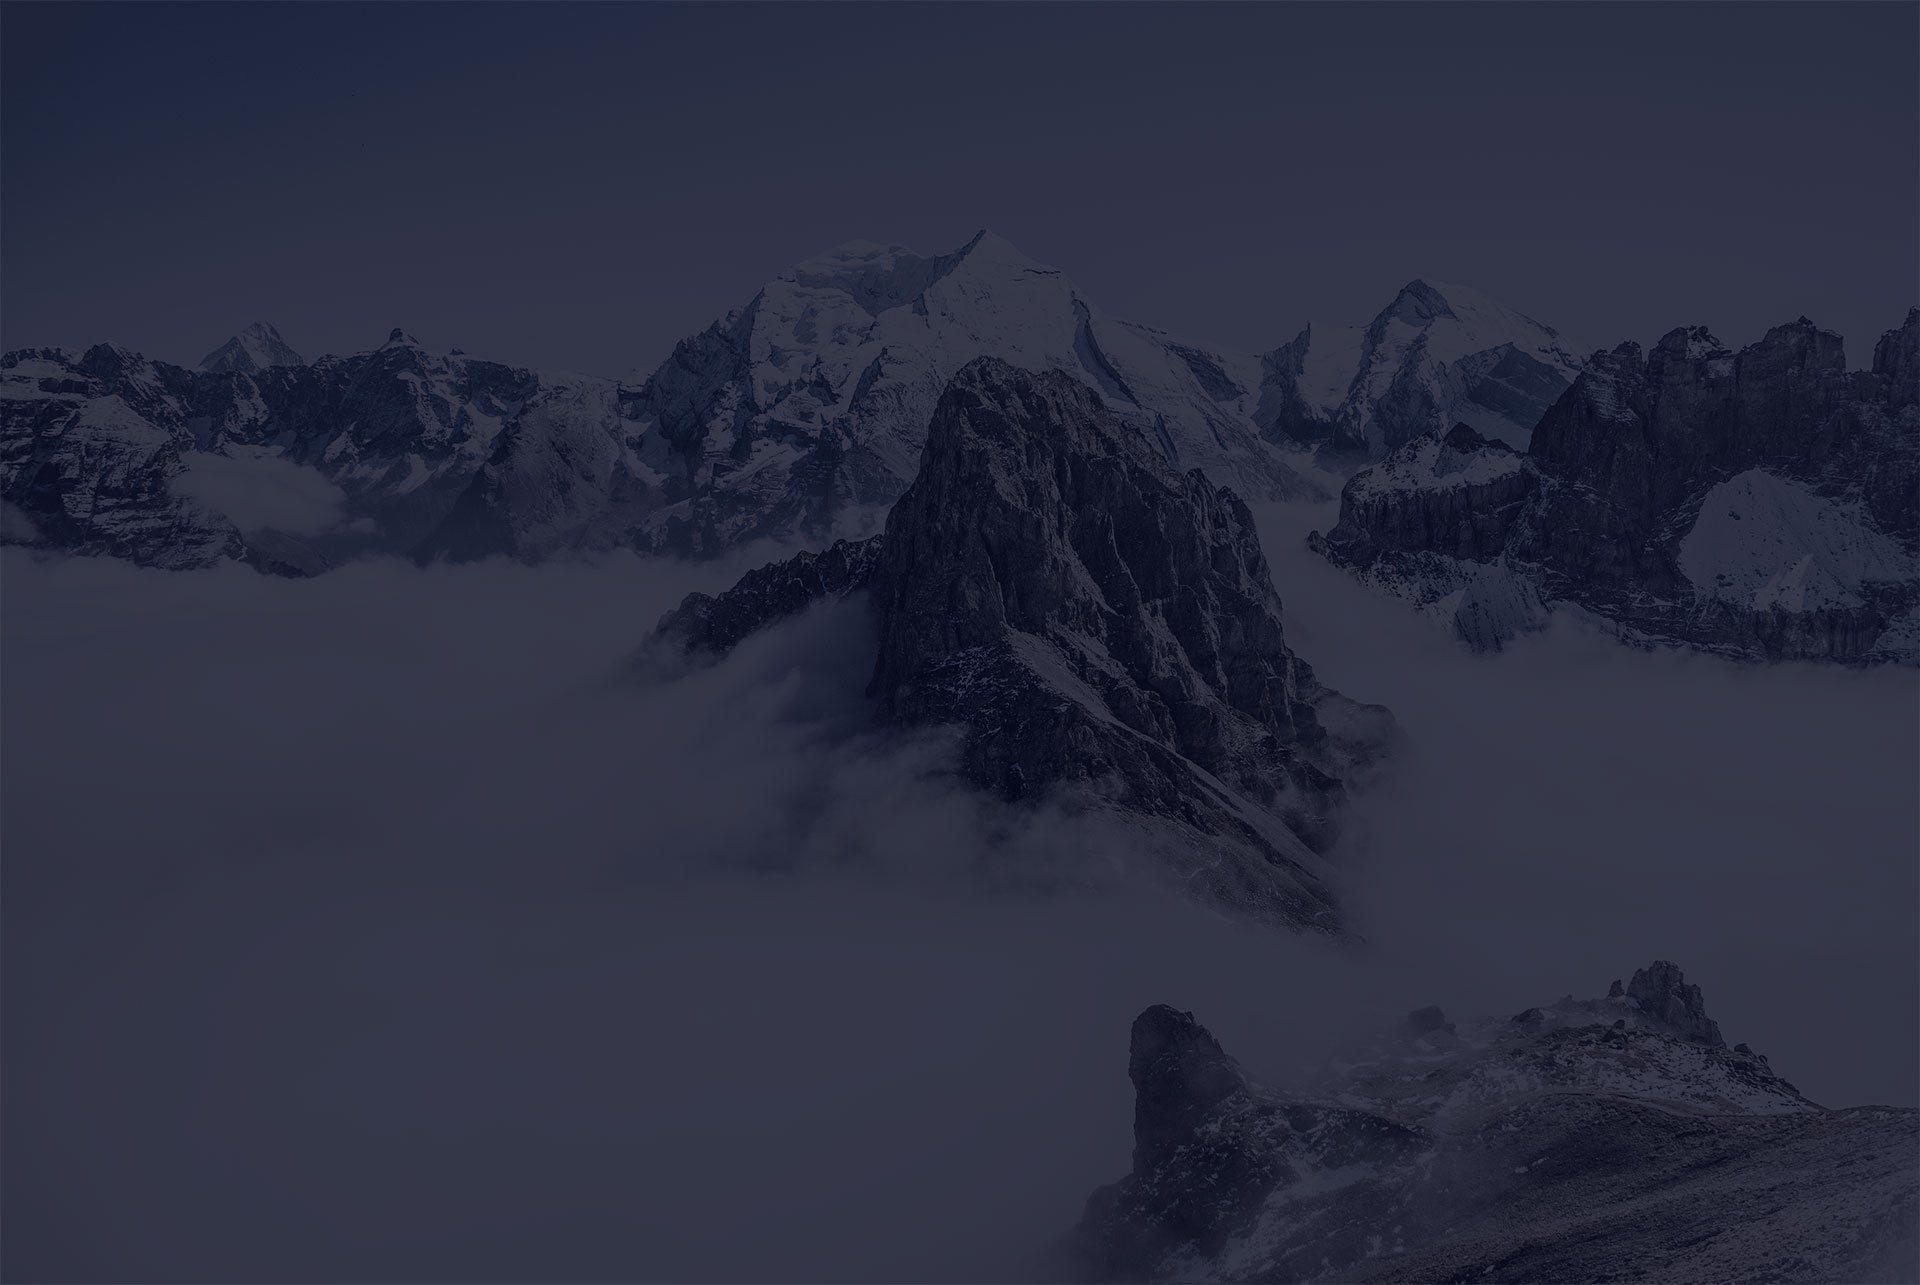 Background slider image